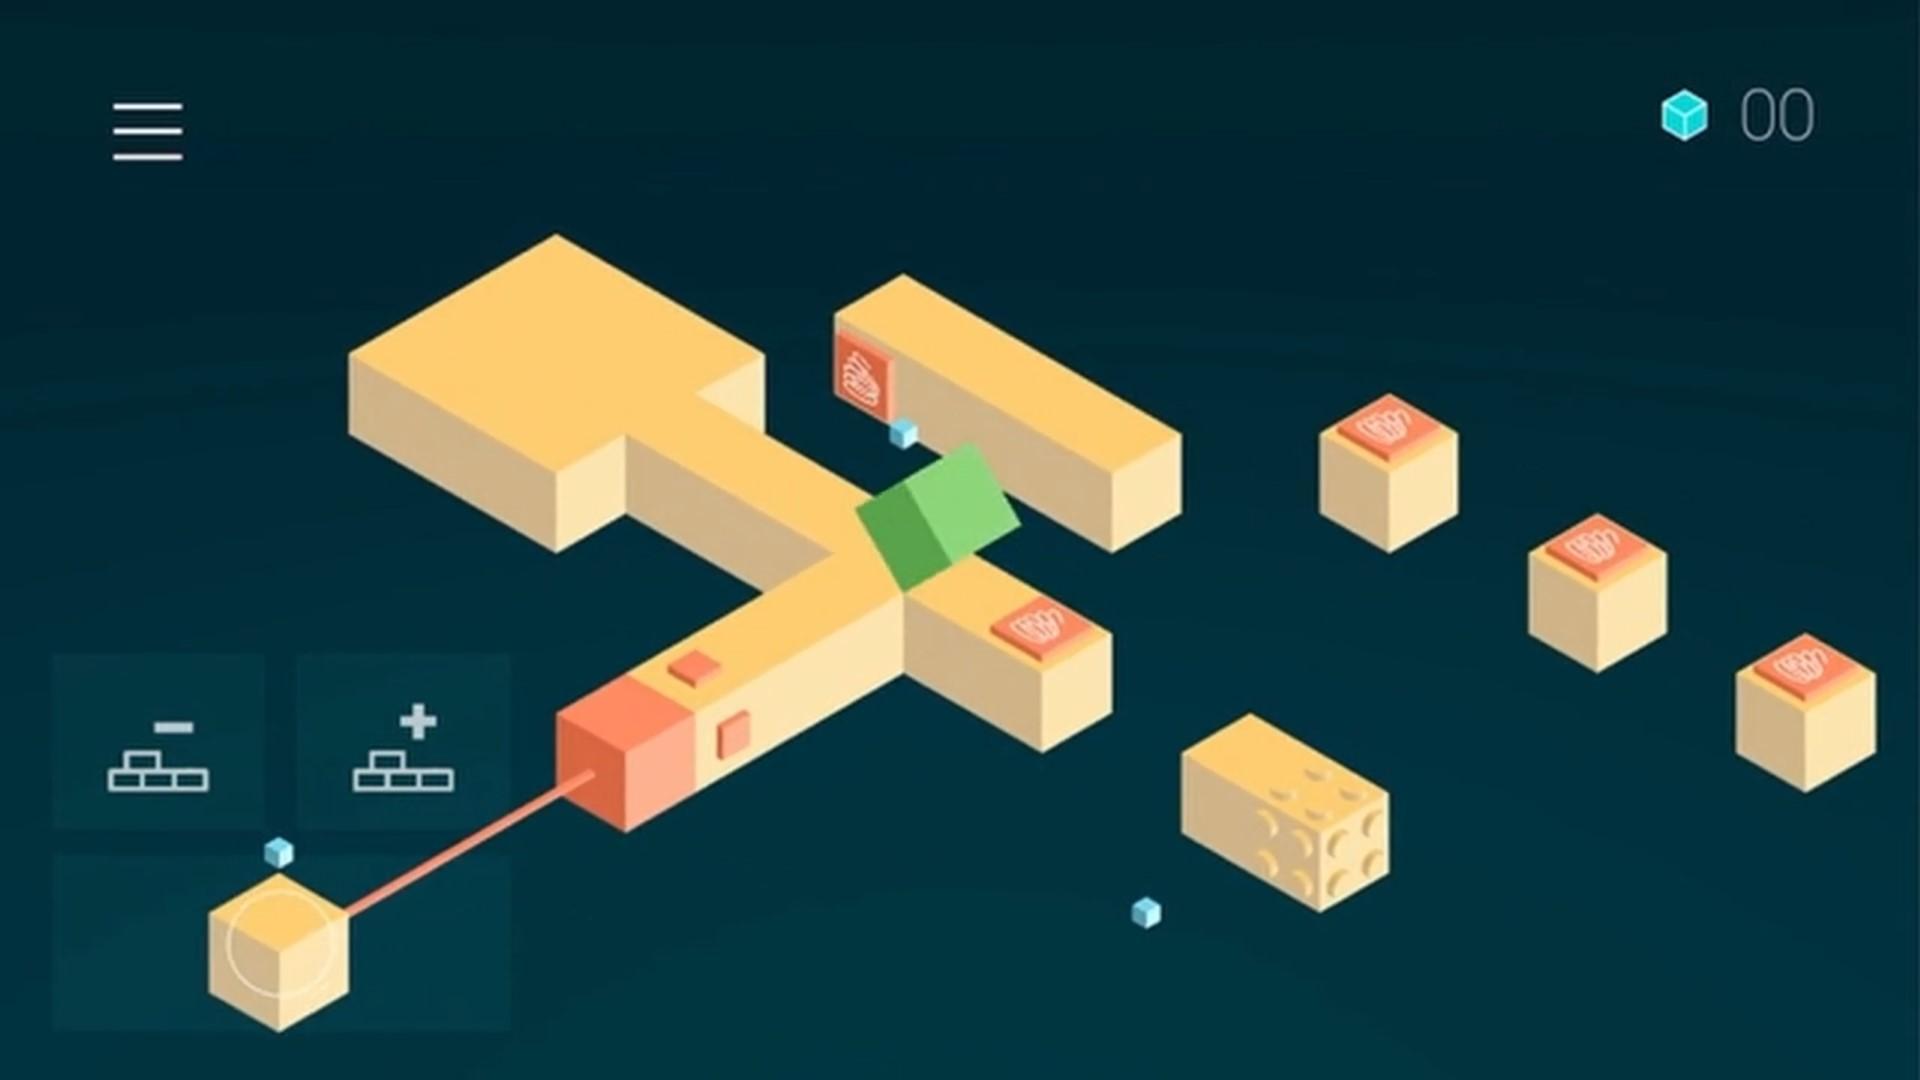 Hexam! Level 1